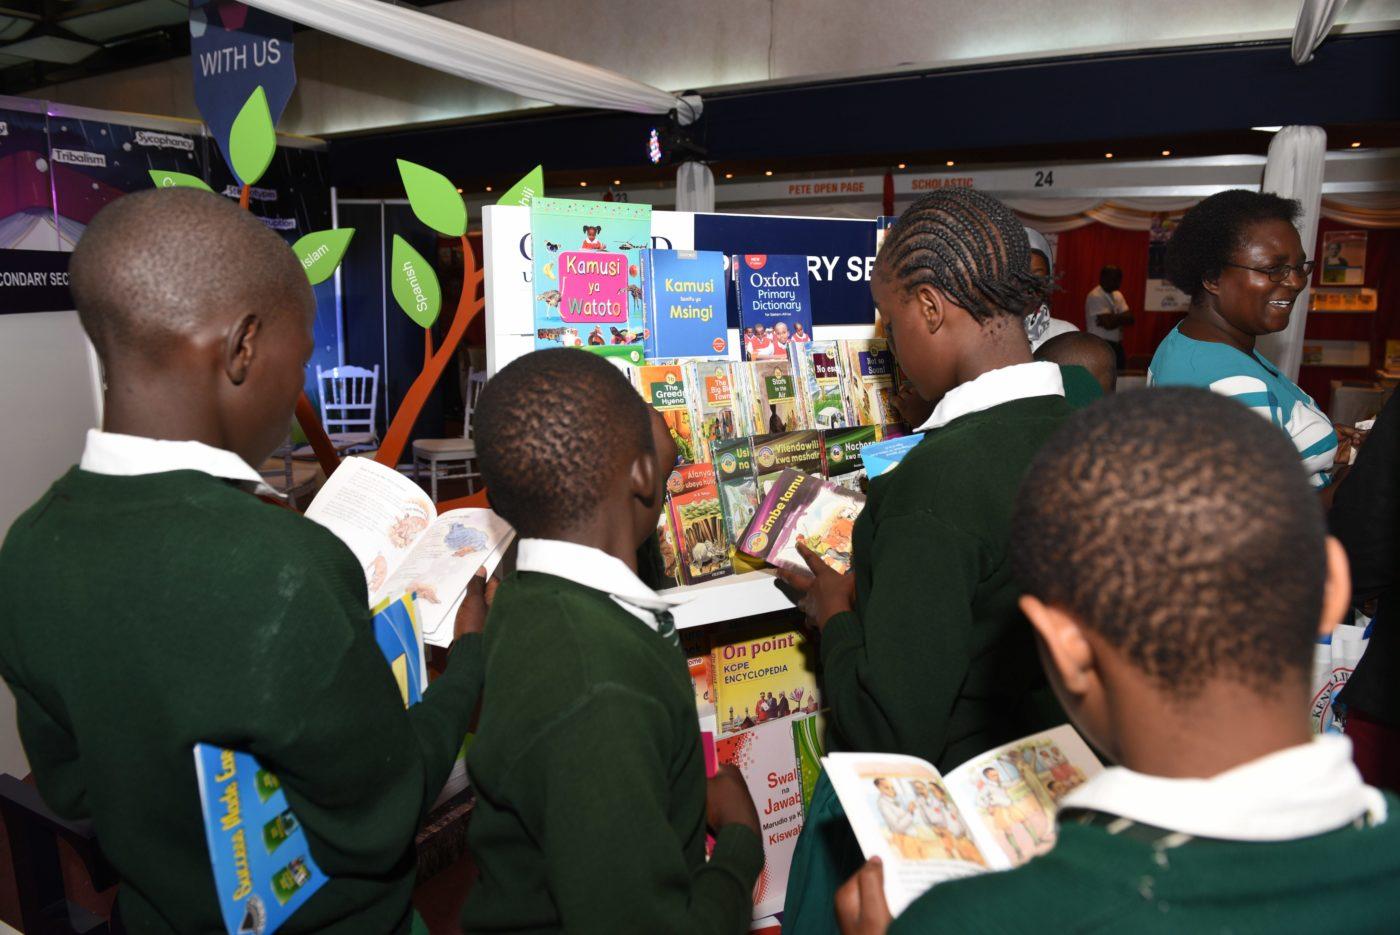 Vihreään koulupukuun puketuneita koululaisia selaamassa kirjoja hyllyn edessä.